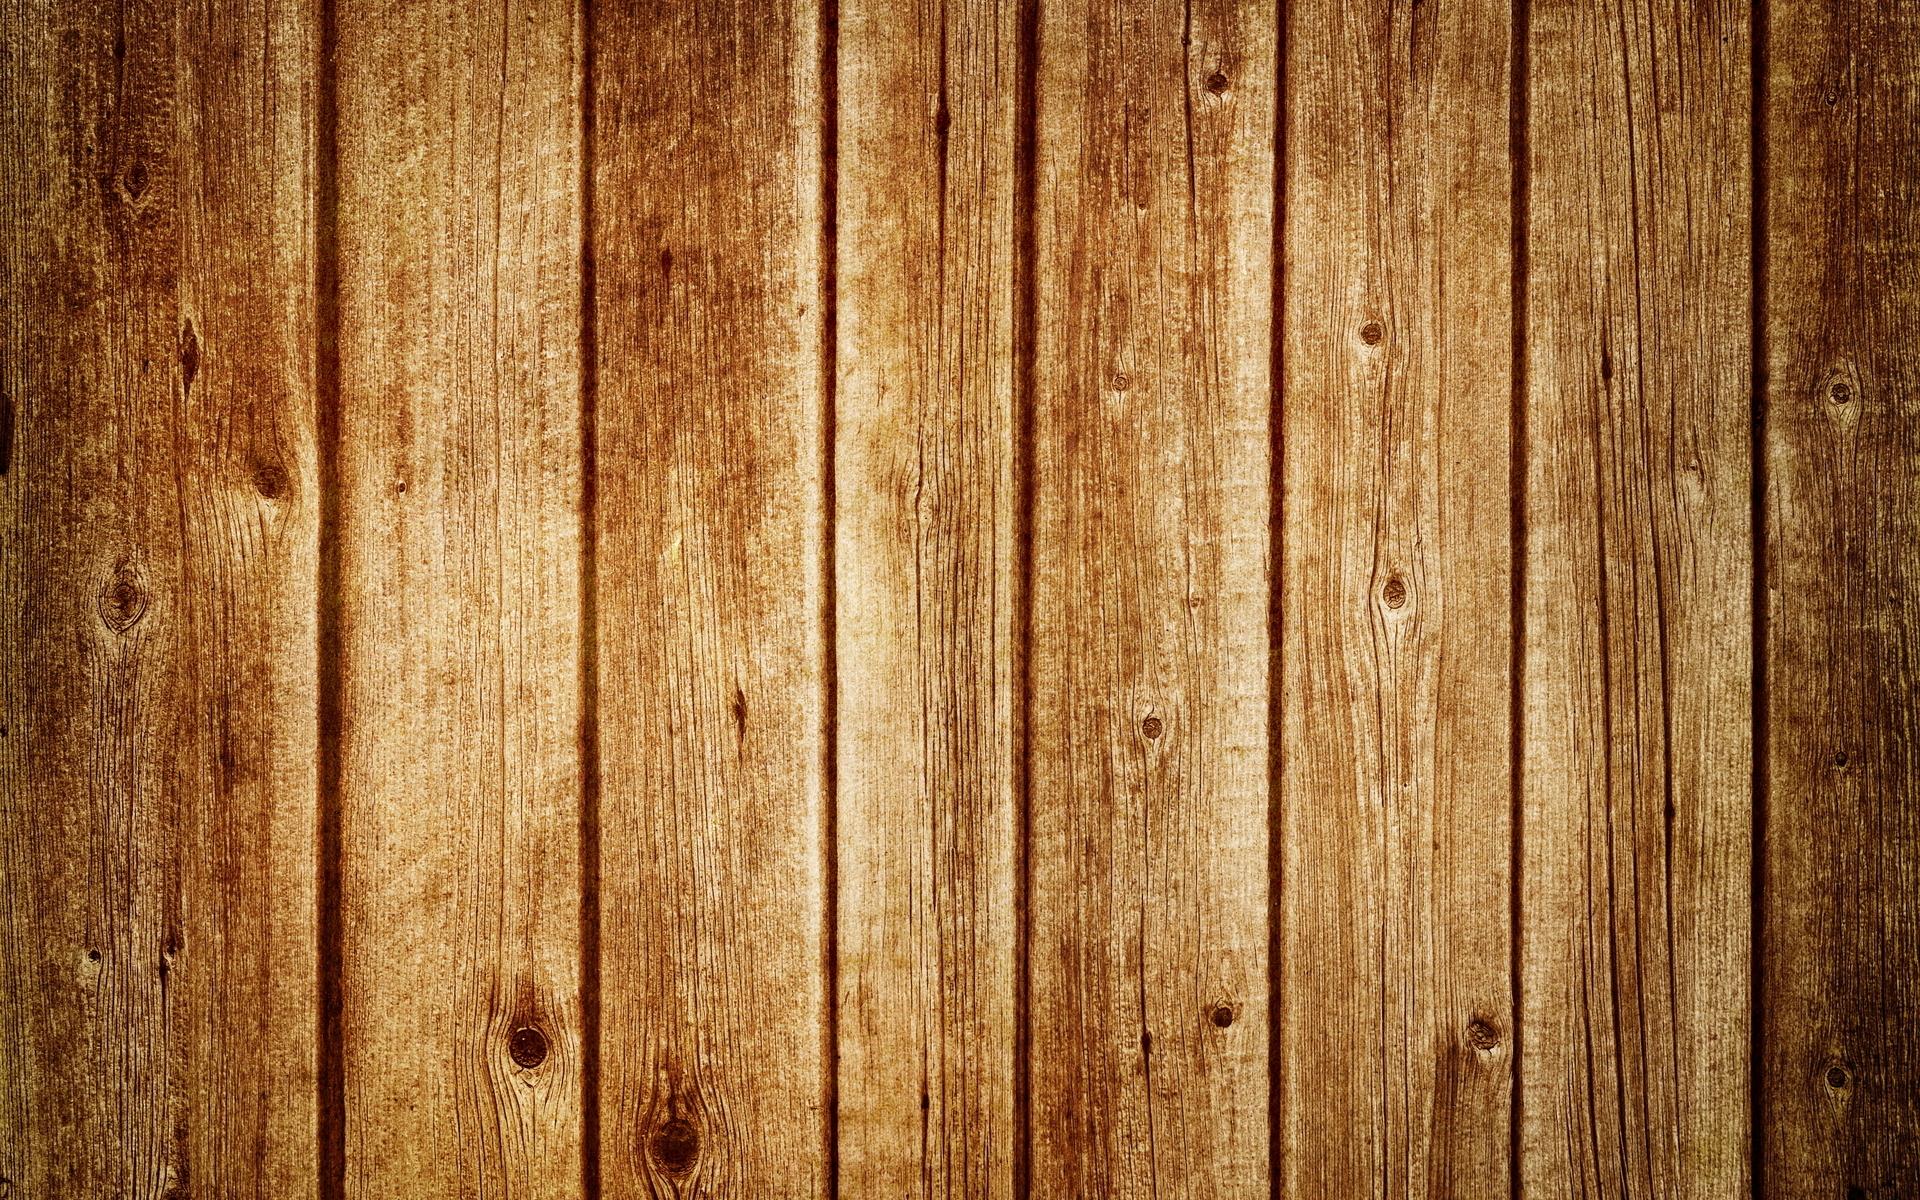 woodworking desktop wallpaper wallpapersafari rh wallpapersafari com